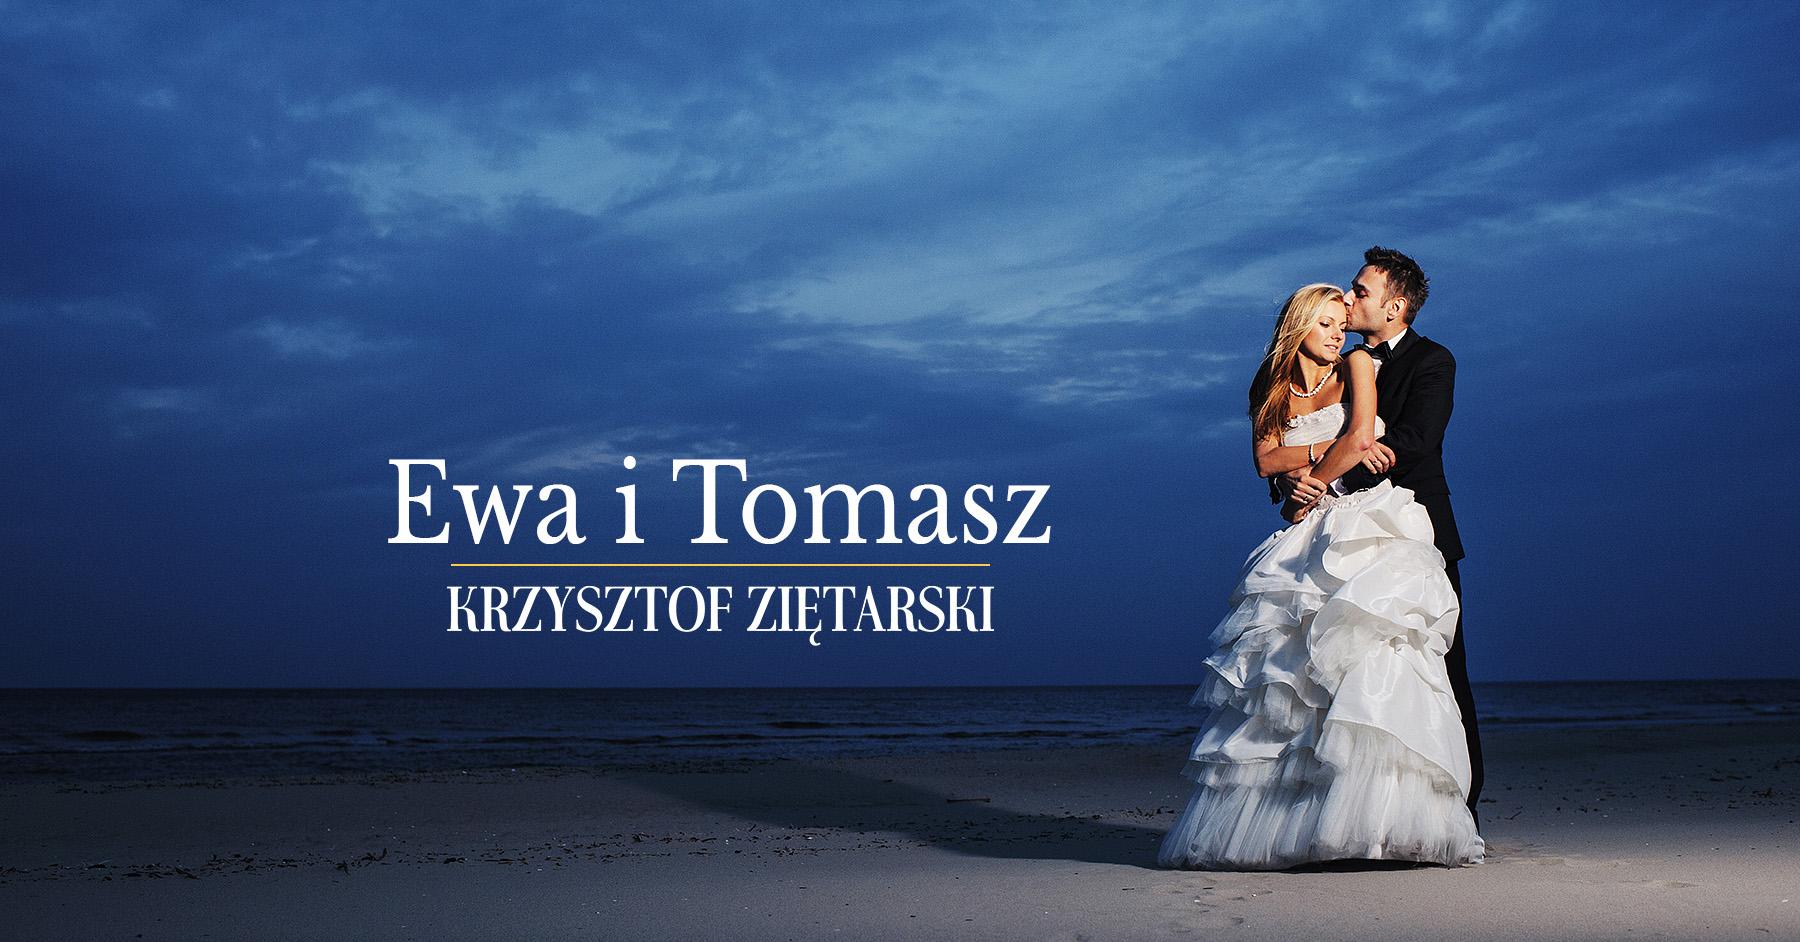 Ewa i Tomasz - Stężyca, Adler Zgorzałe